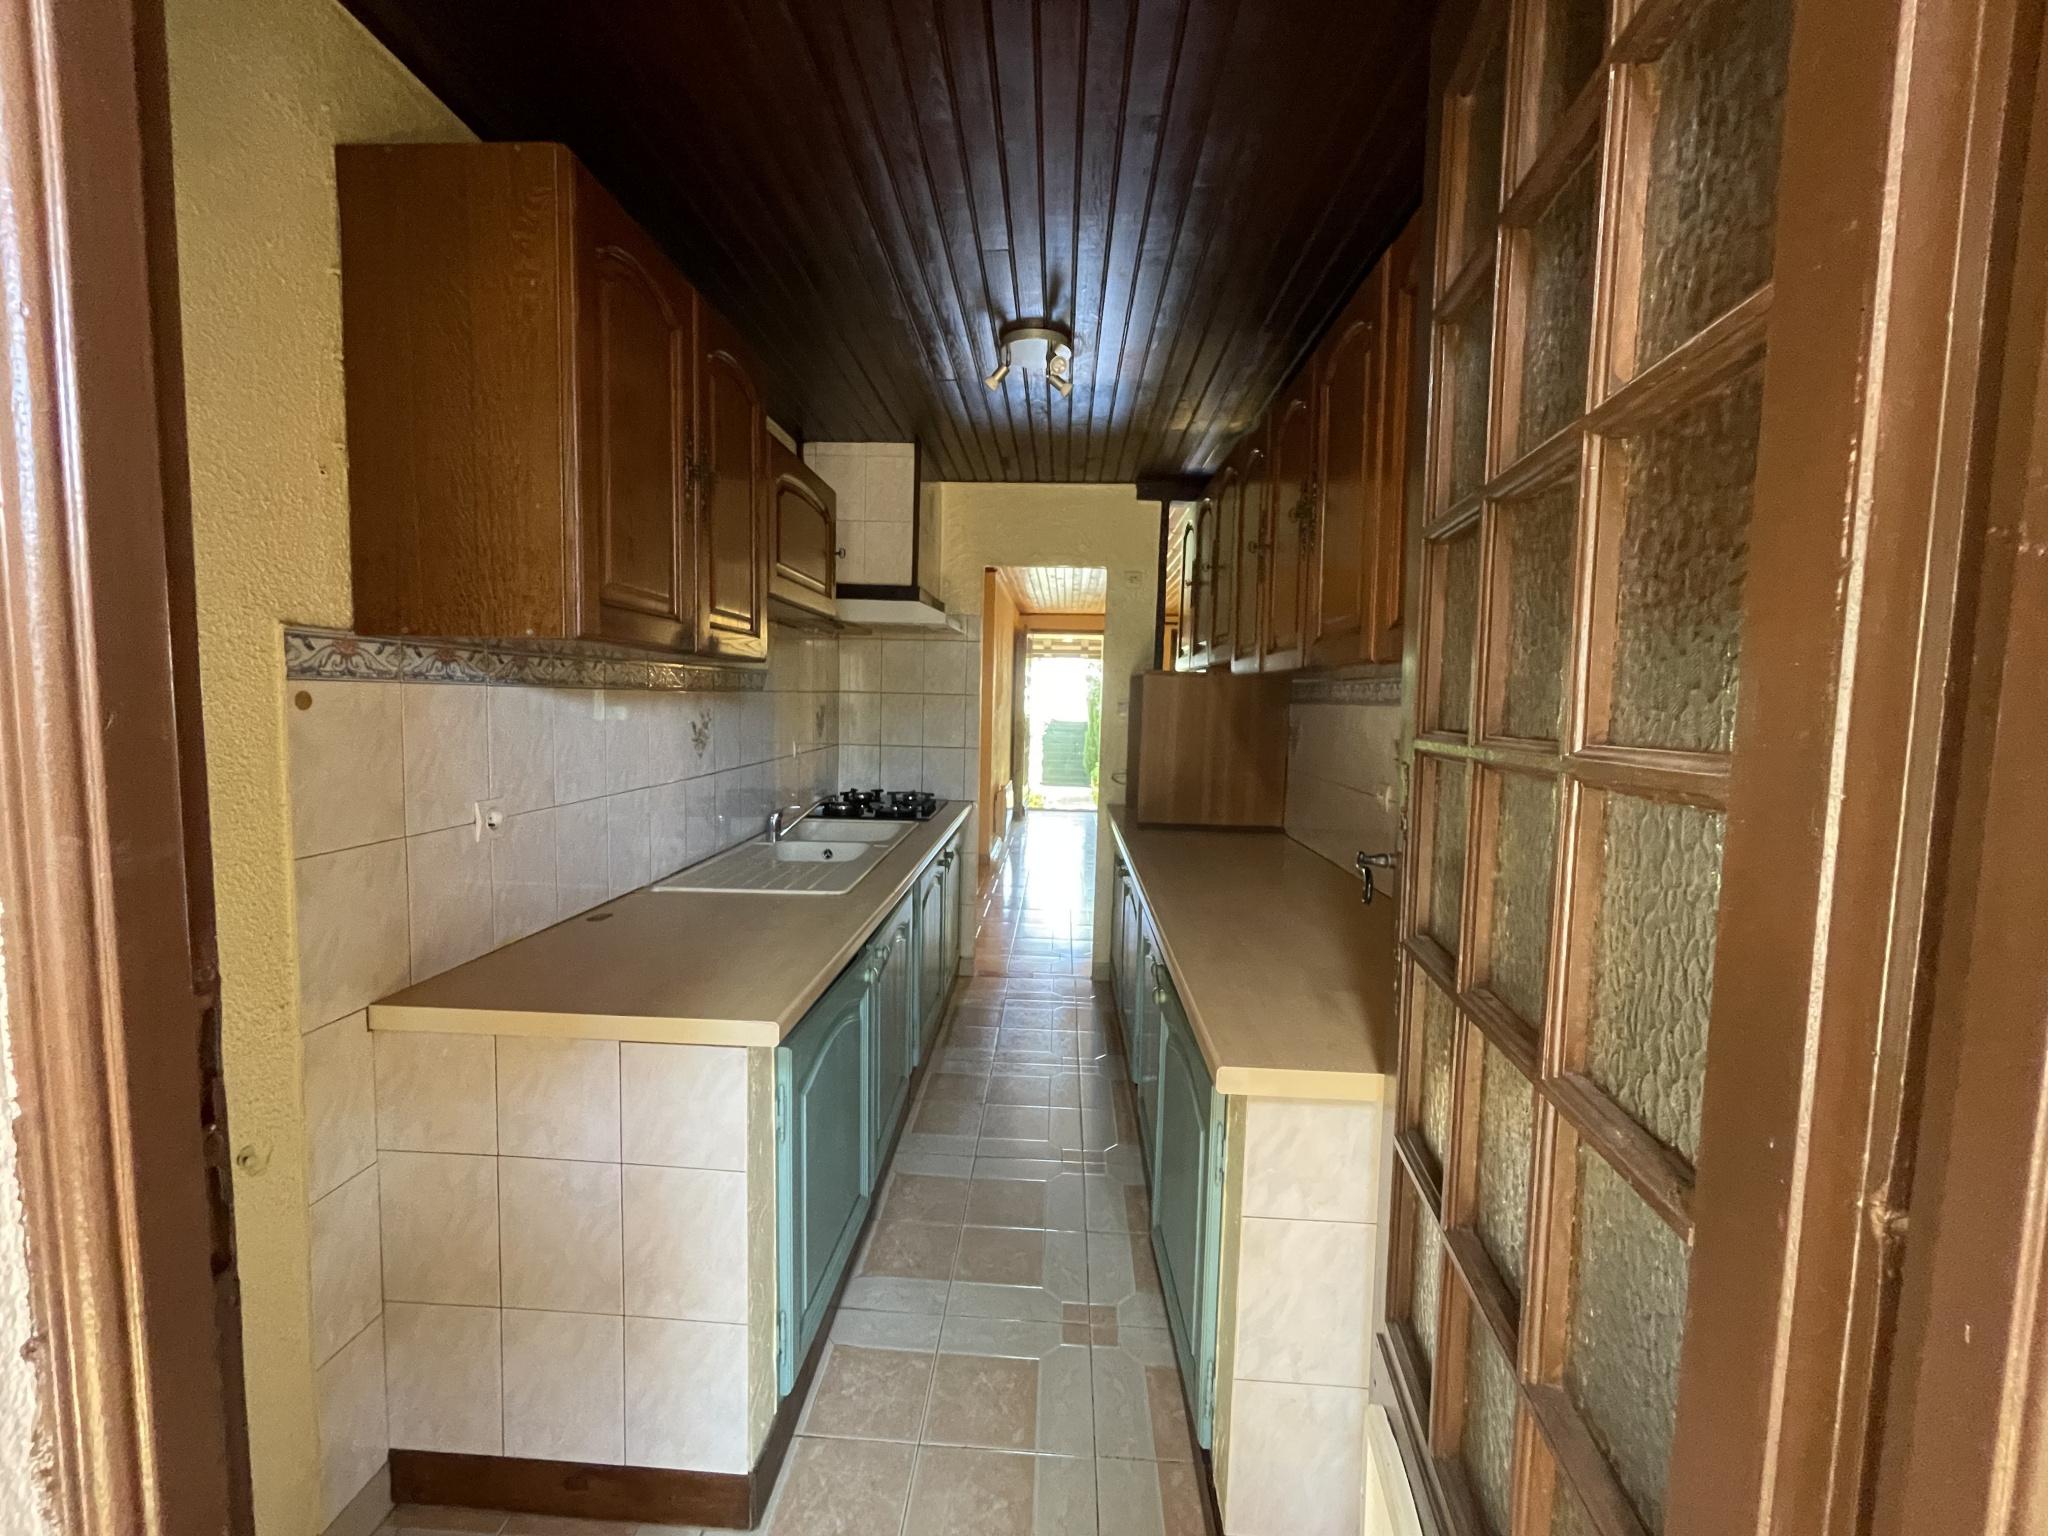 À vendre maison/villa de 100m2 à st genis des fontaines (66740) - Photo 13'